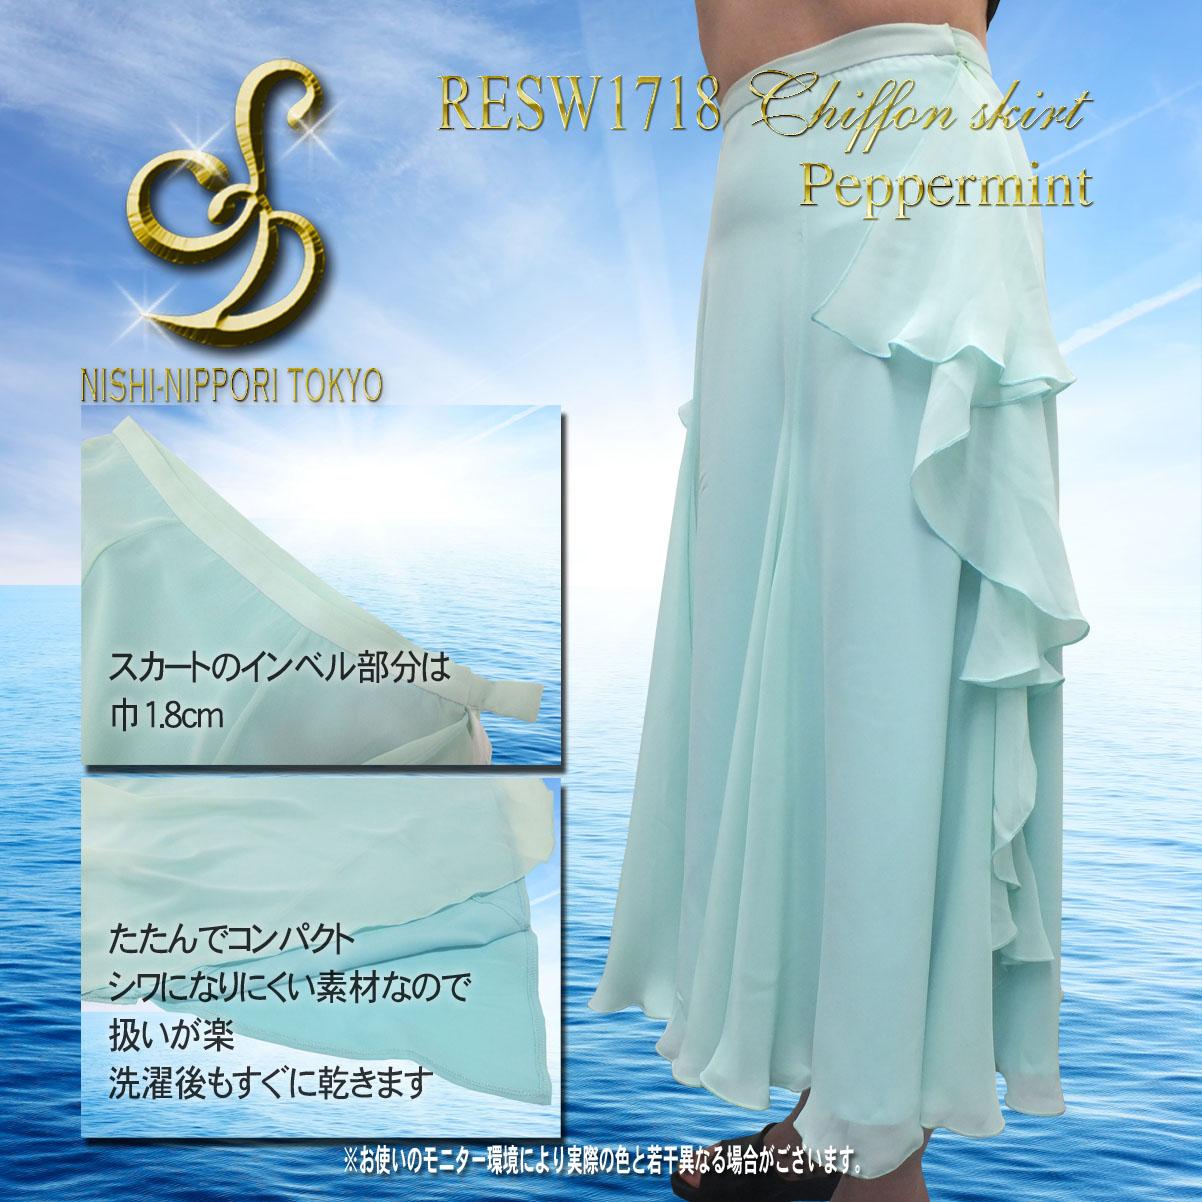 RESW1718 シフォンスカート003